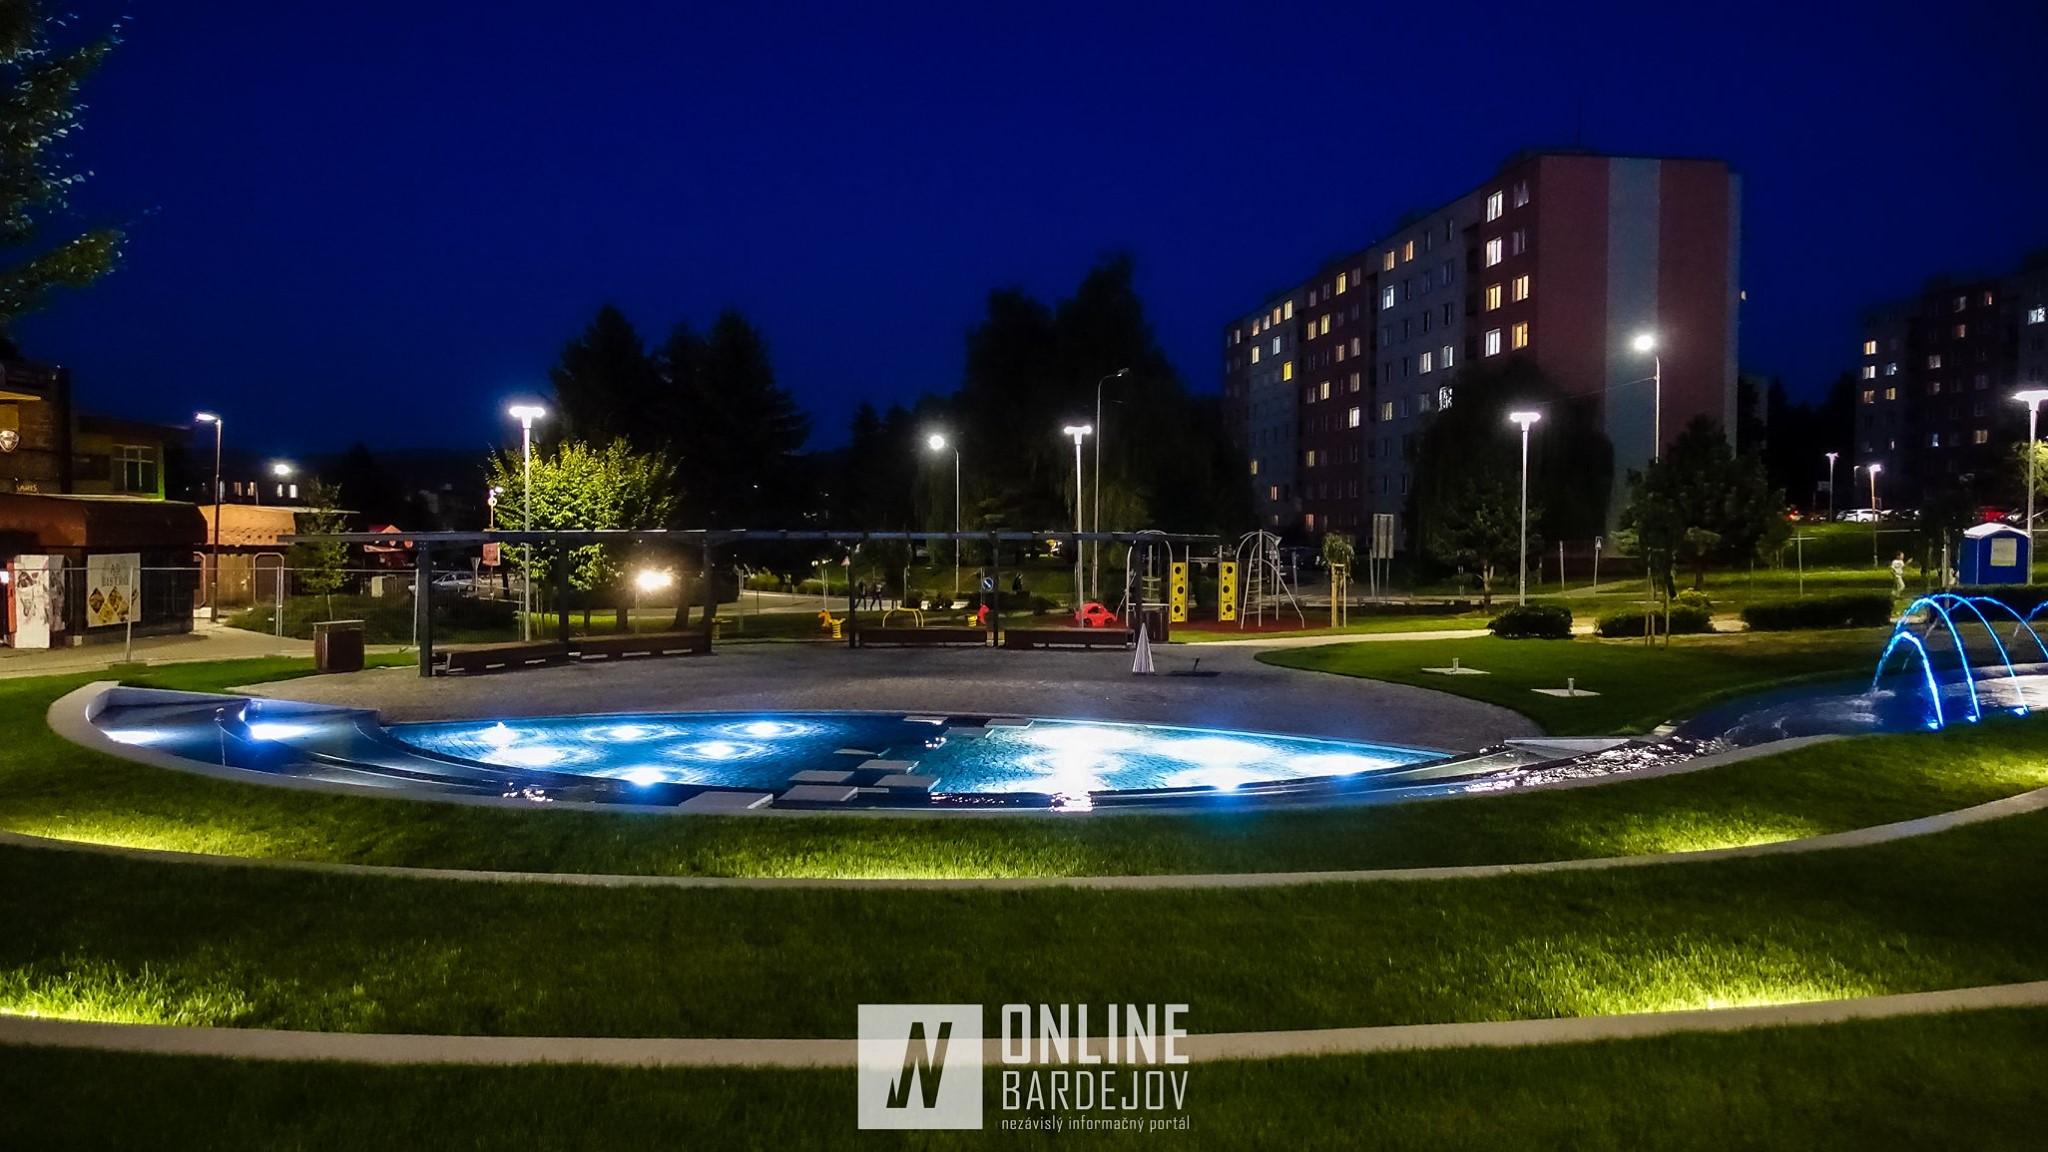 OBRAZOM: Park Európy v odlesku svetiel a konca dňa